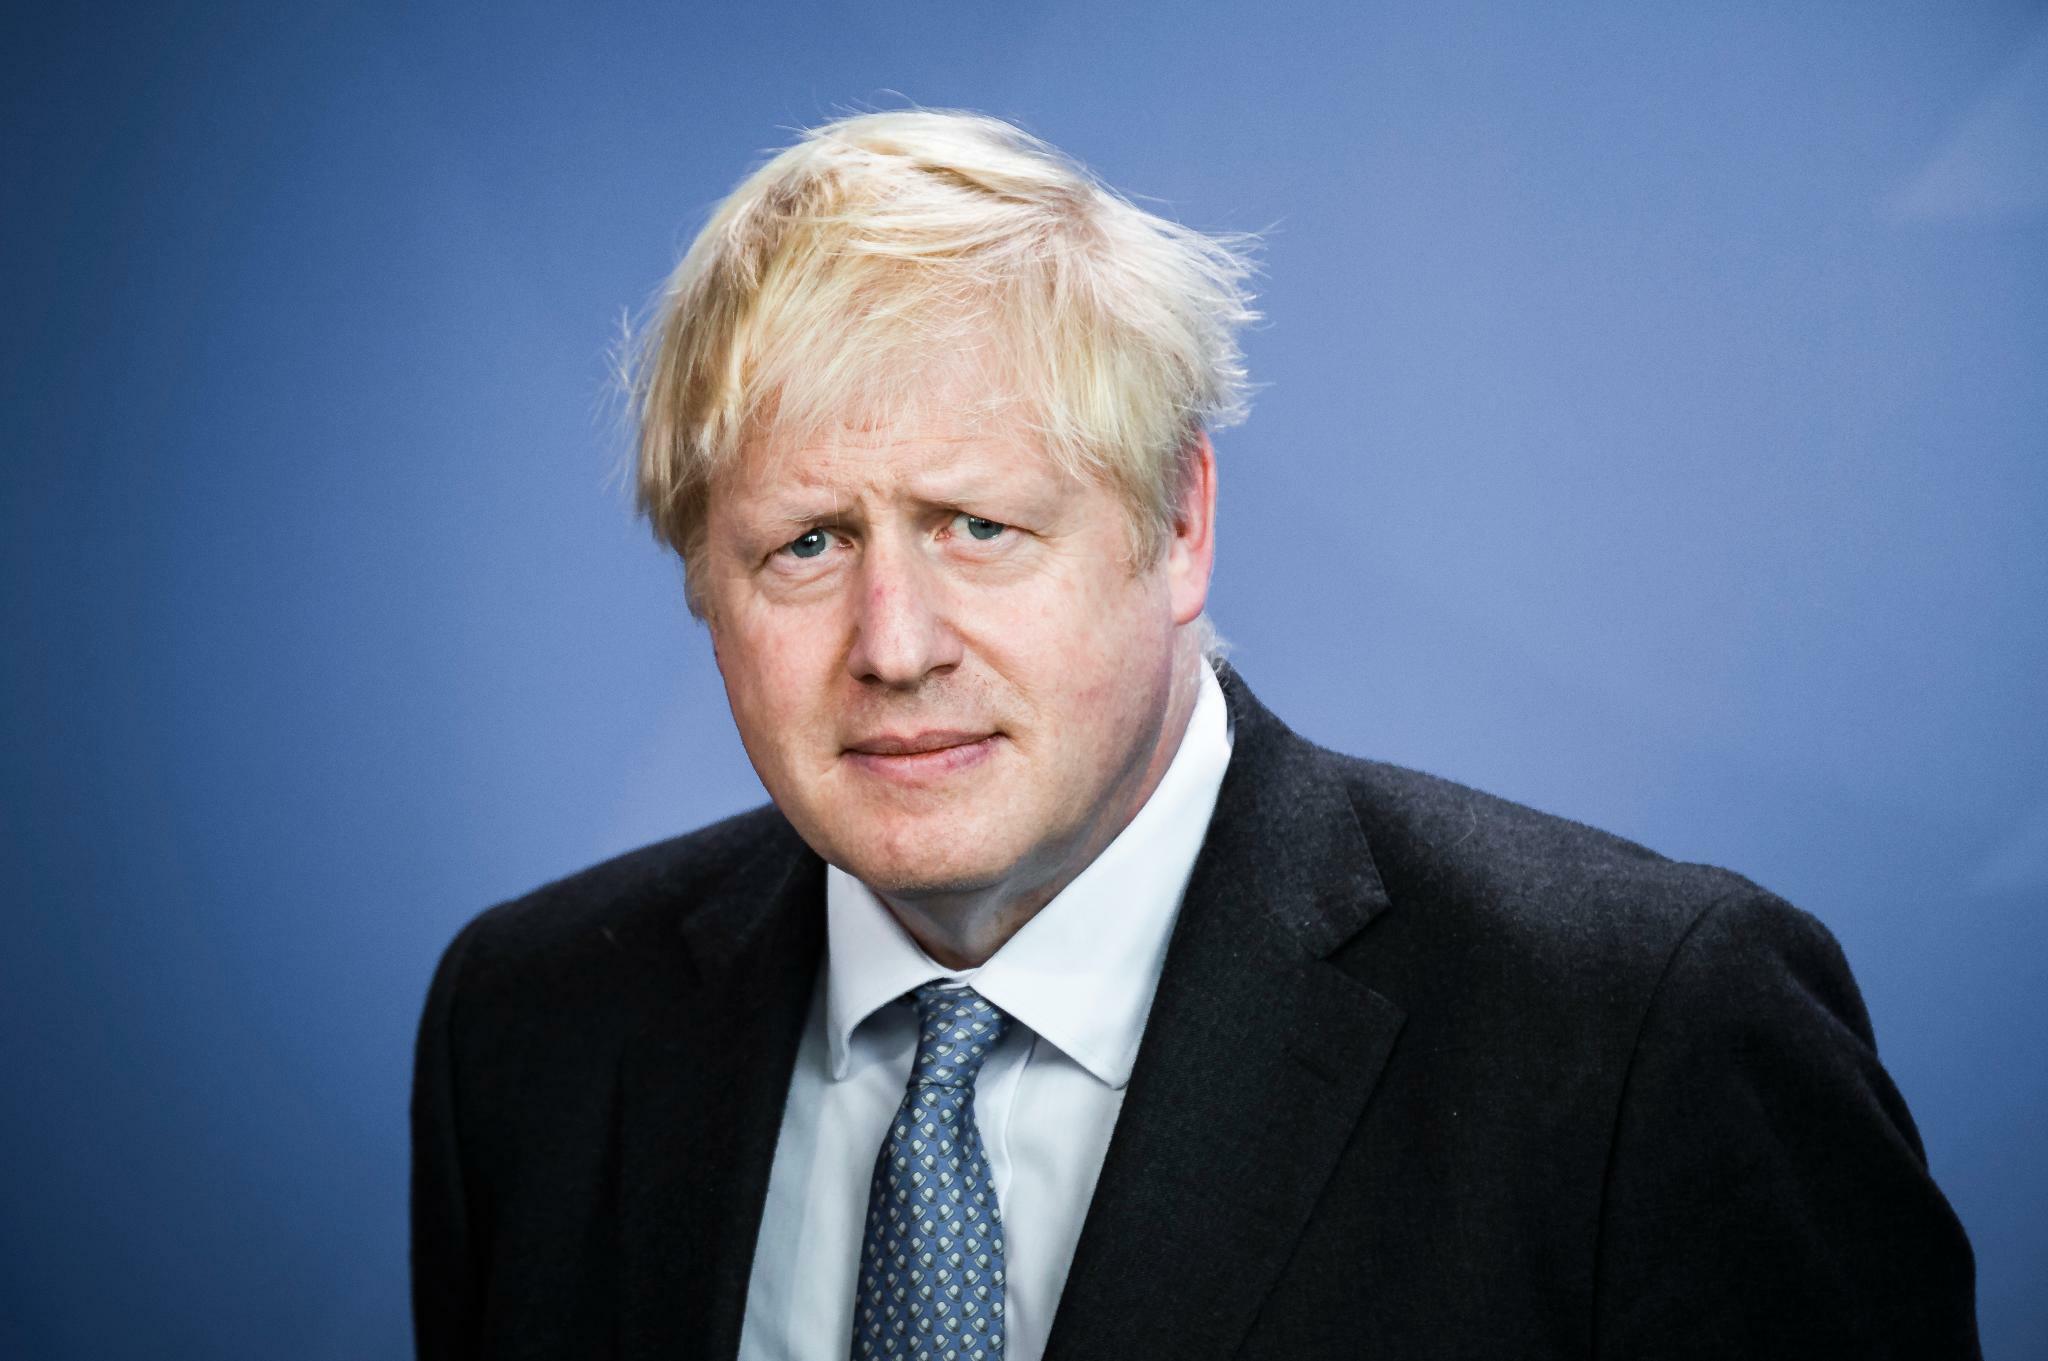 Brexit: Johnson scheitert ein weiteres Mal im Parlament